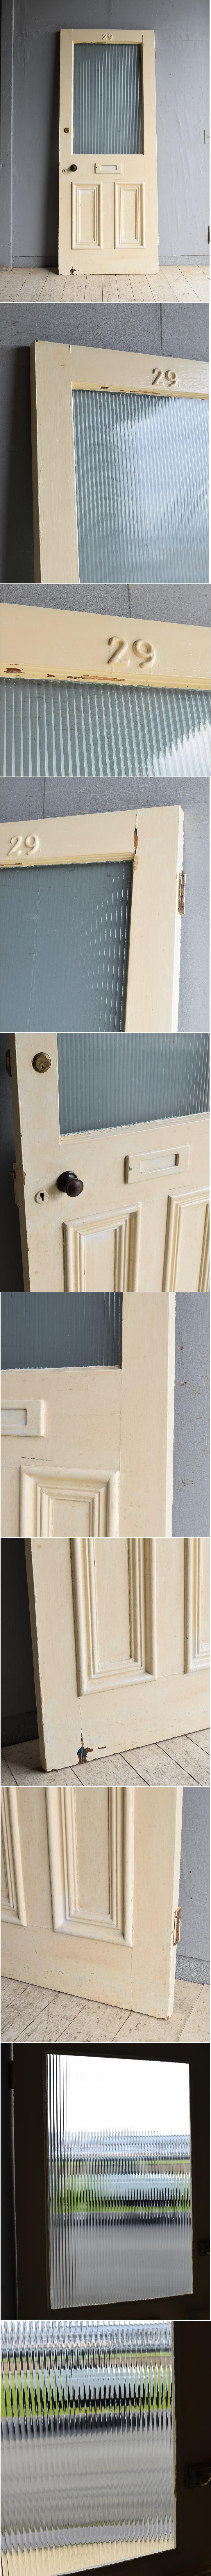 イギリス アンティーク ドア 扉 建具 8441